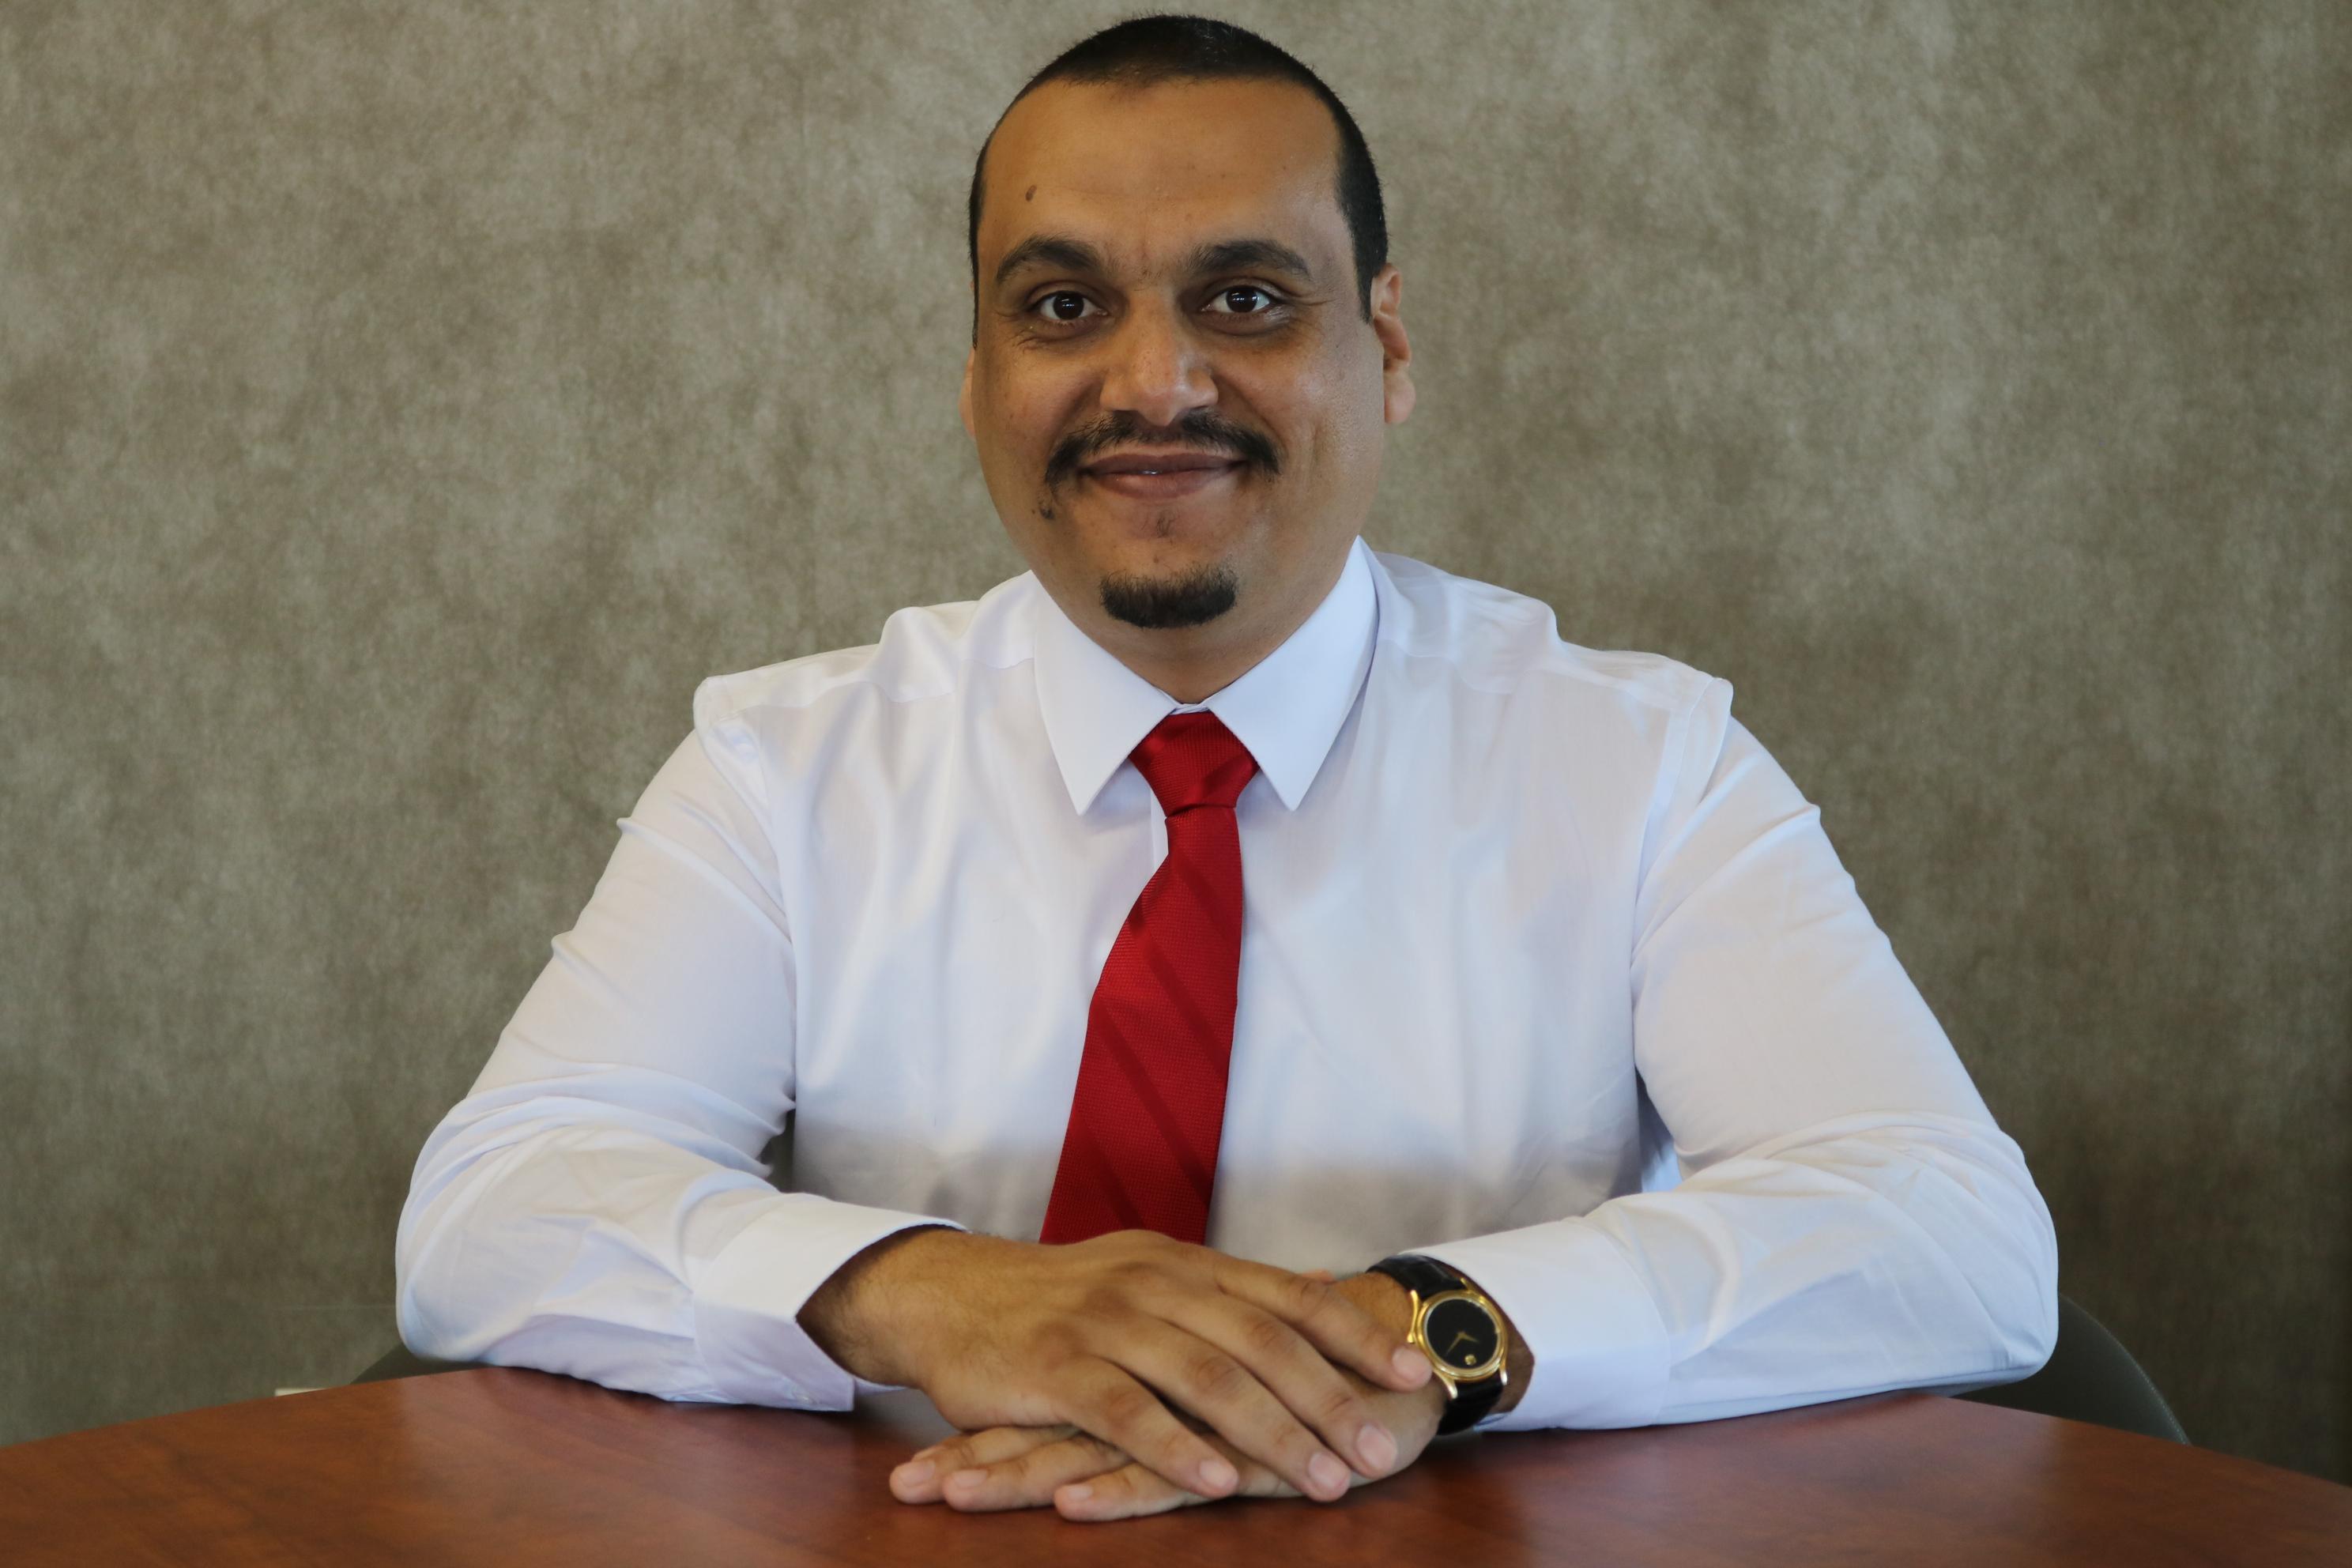 Abdul Saleh